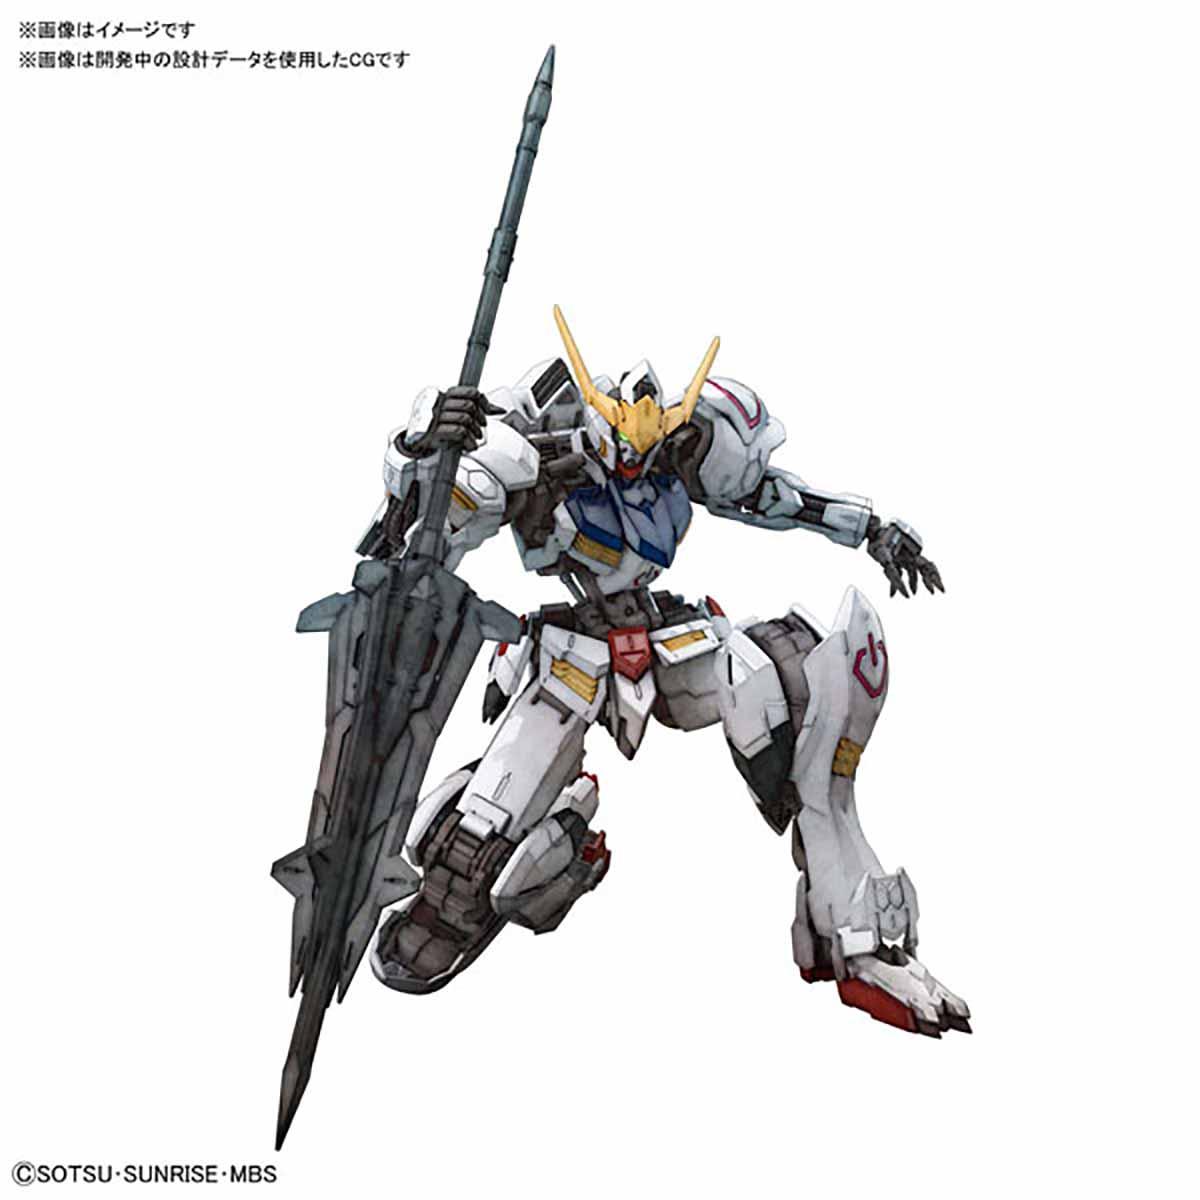 MG 1/100『ガンダムバルバトス』鉄血のオルフェンズ プラモデル